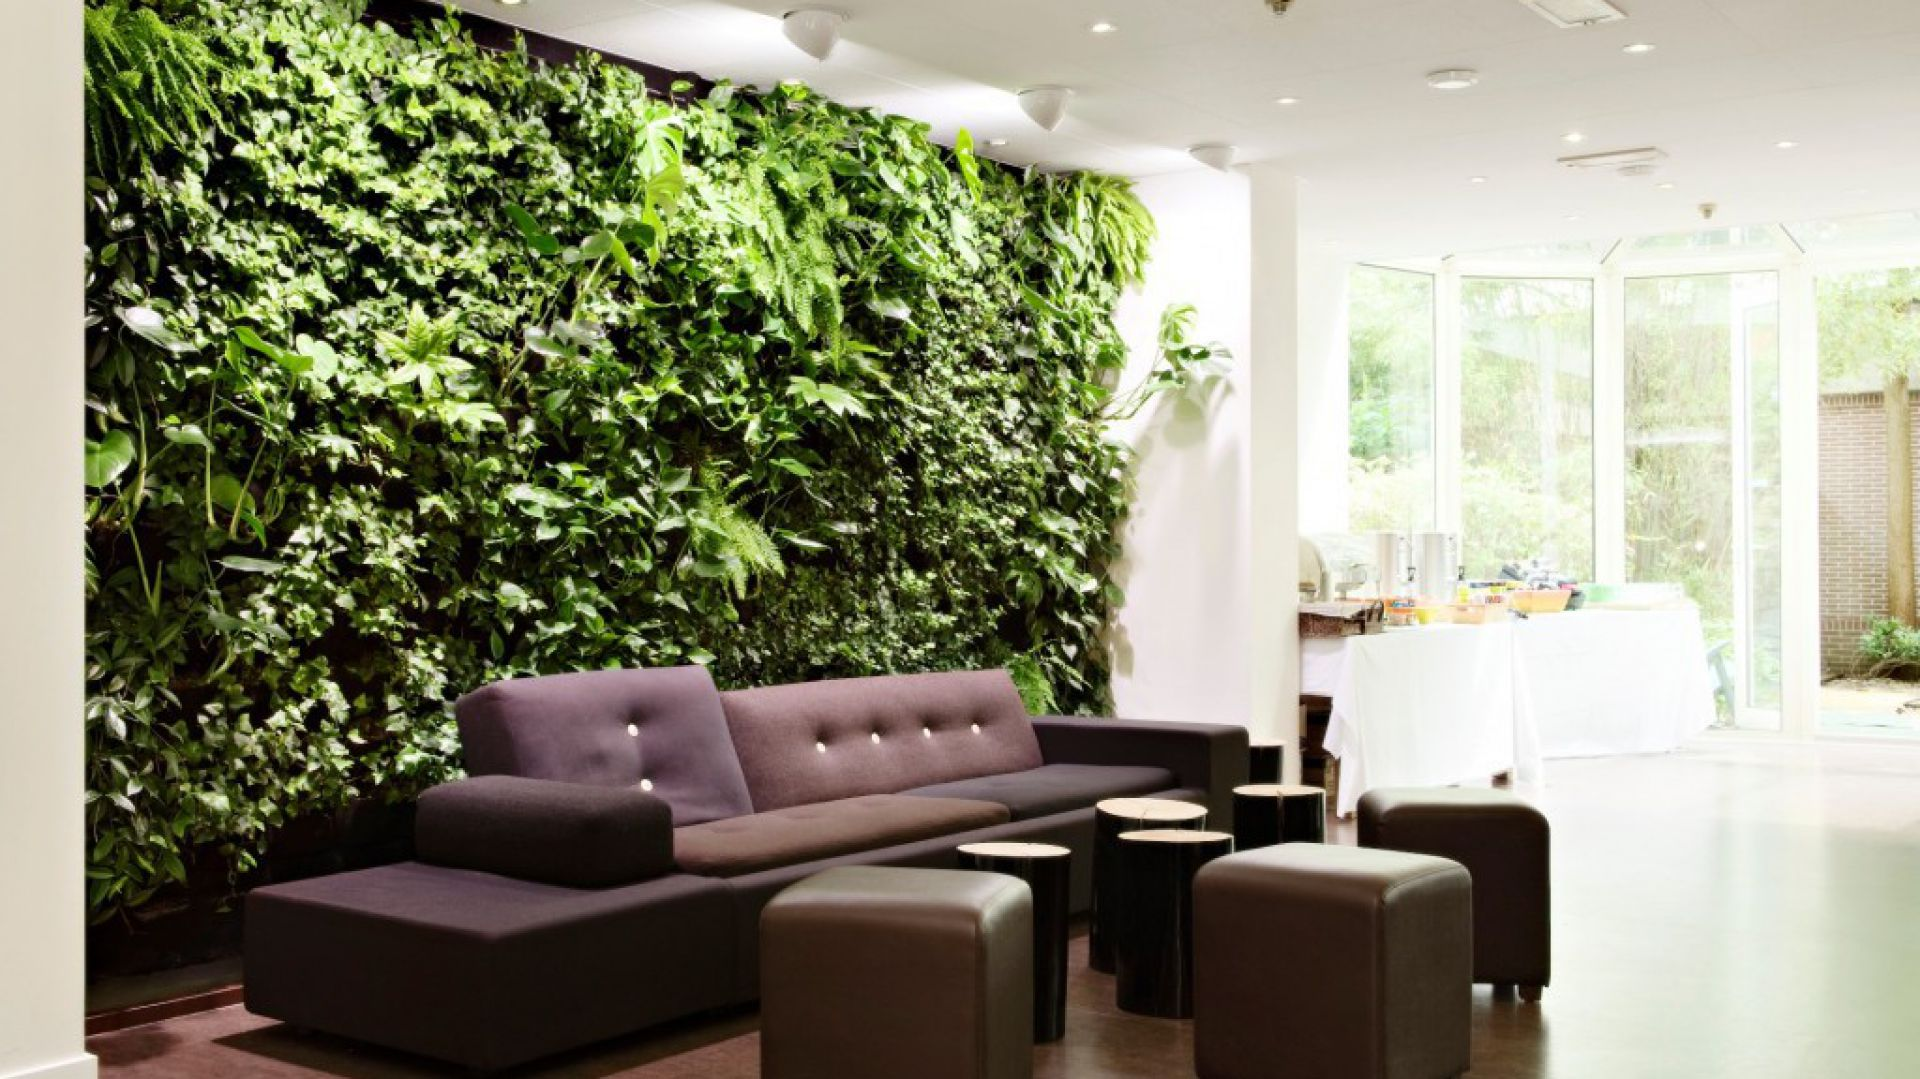 Kompozycja w strefie salonowej. System montowany na ścianie pionowej. Roślinność oświetlana sztucznie za pomocą kierunkowych reflektorów sufitowych. Fot. Homegardenair.